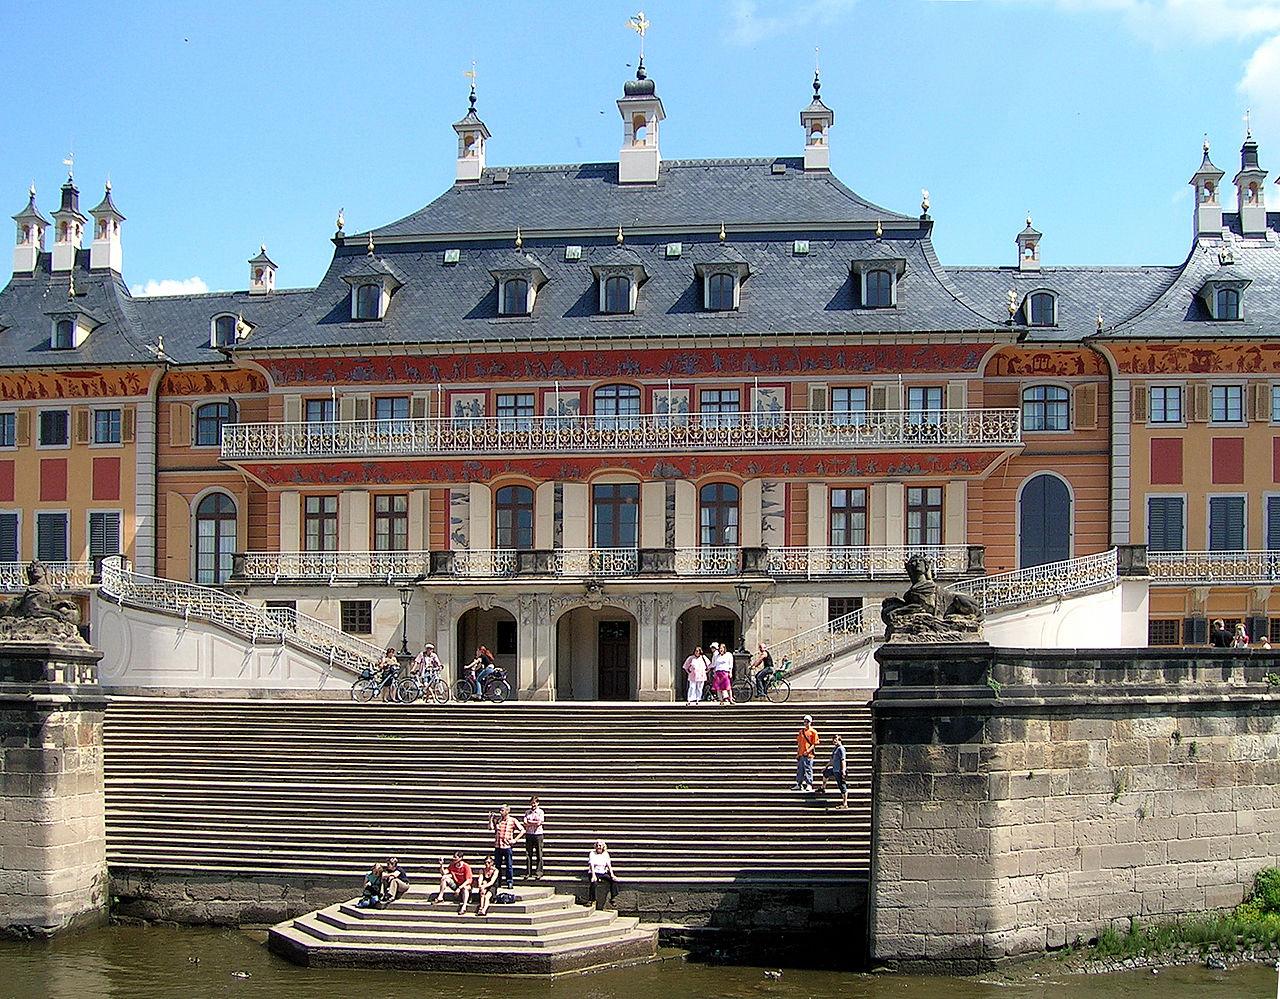 Bild Schlosshotel Pillnitz